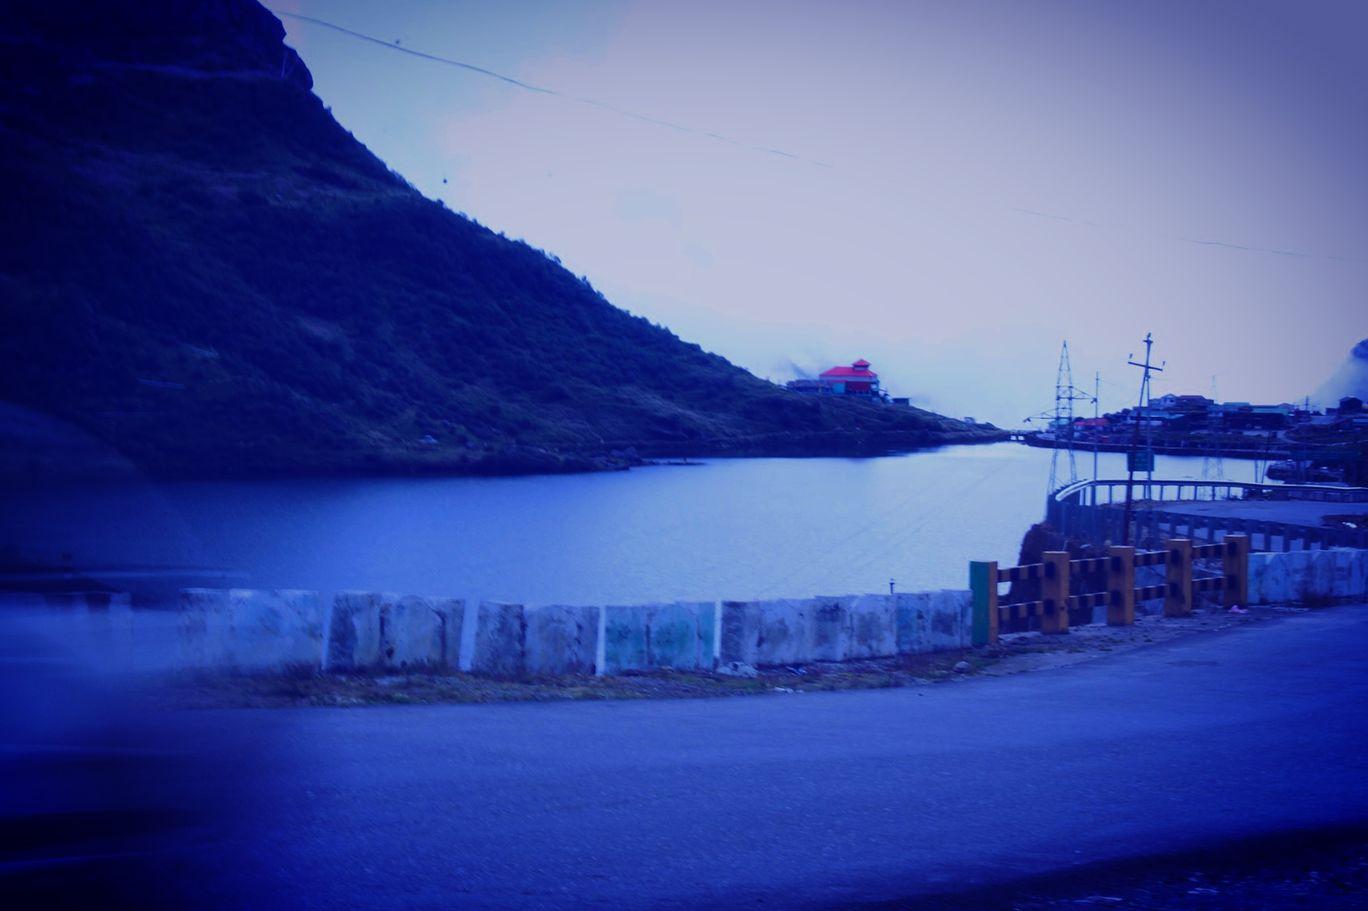 Photo of Tsomgo Lake By Dyvik Chenna